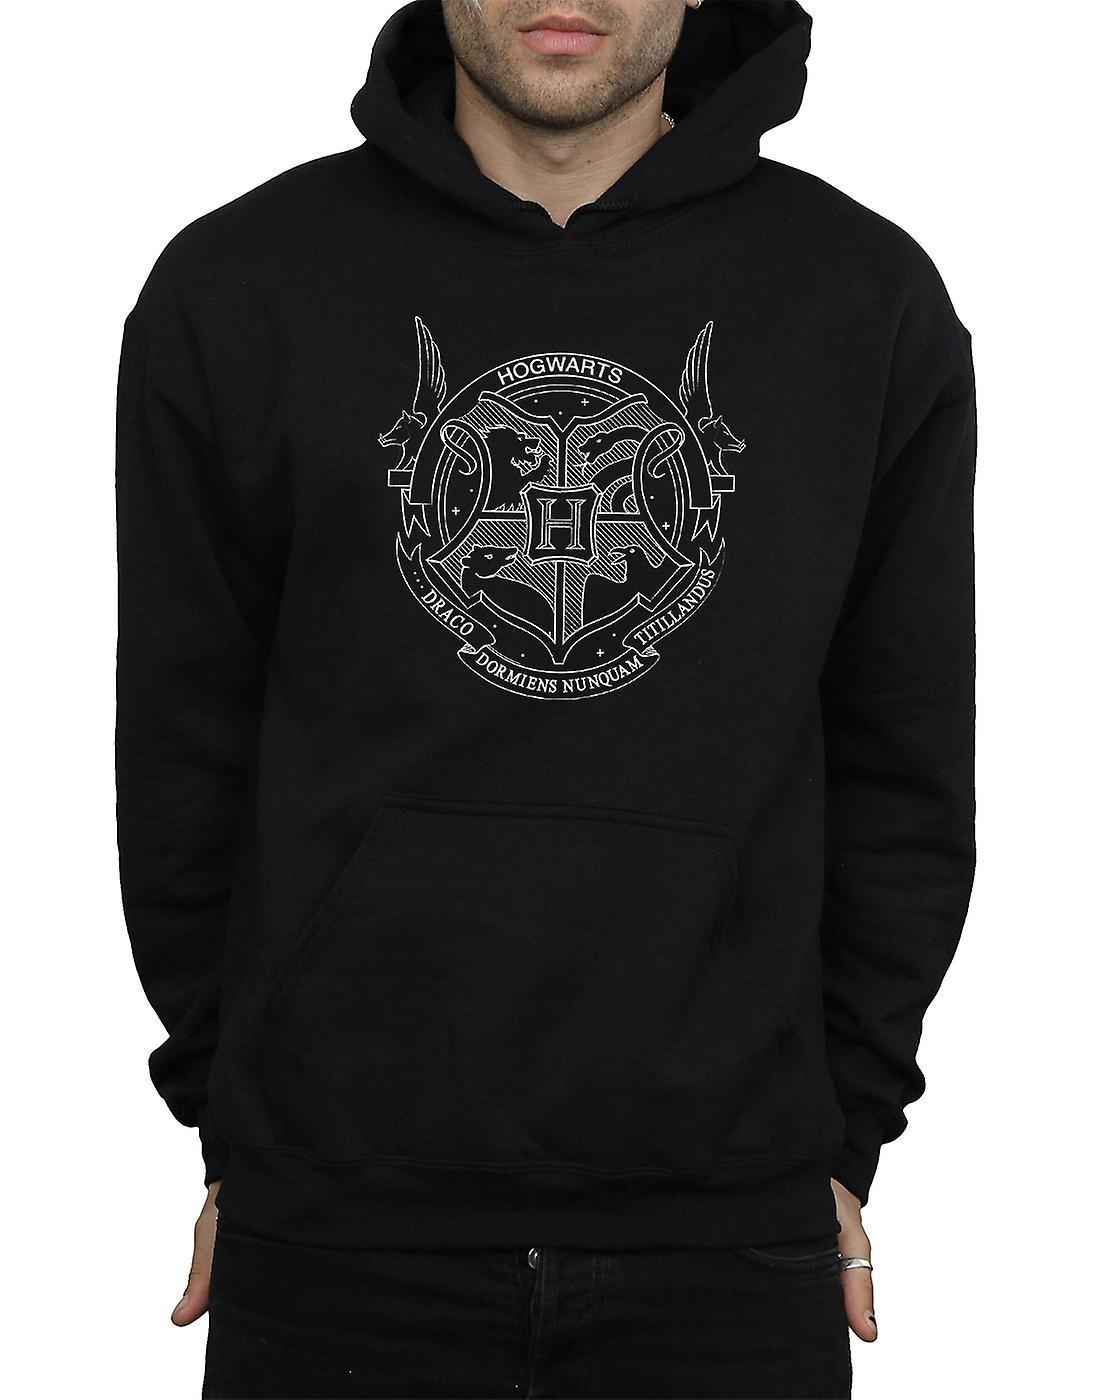 Harry Potter mænds Hogwarts Seal hættetrøje